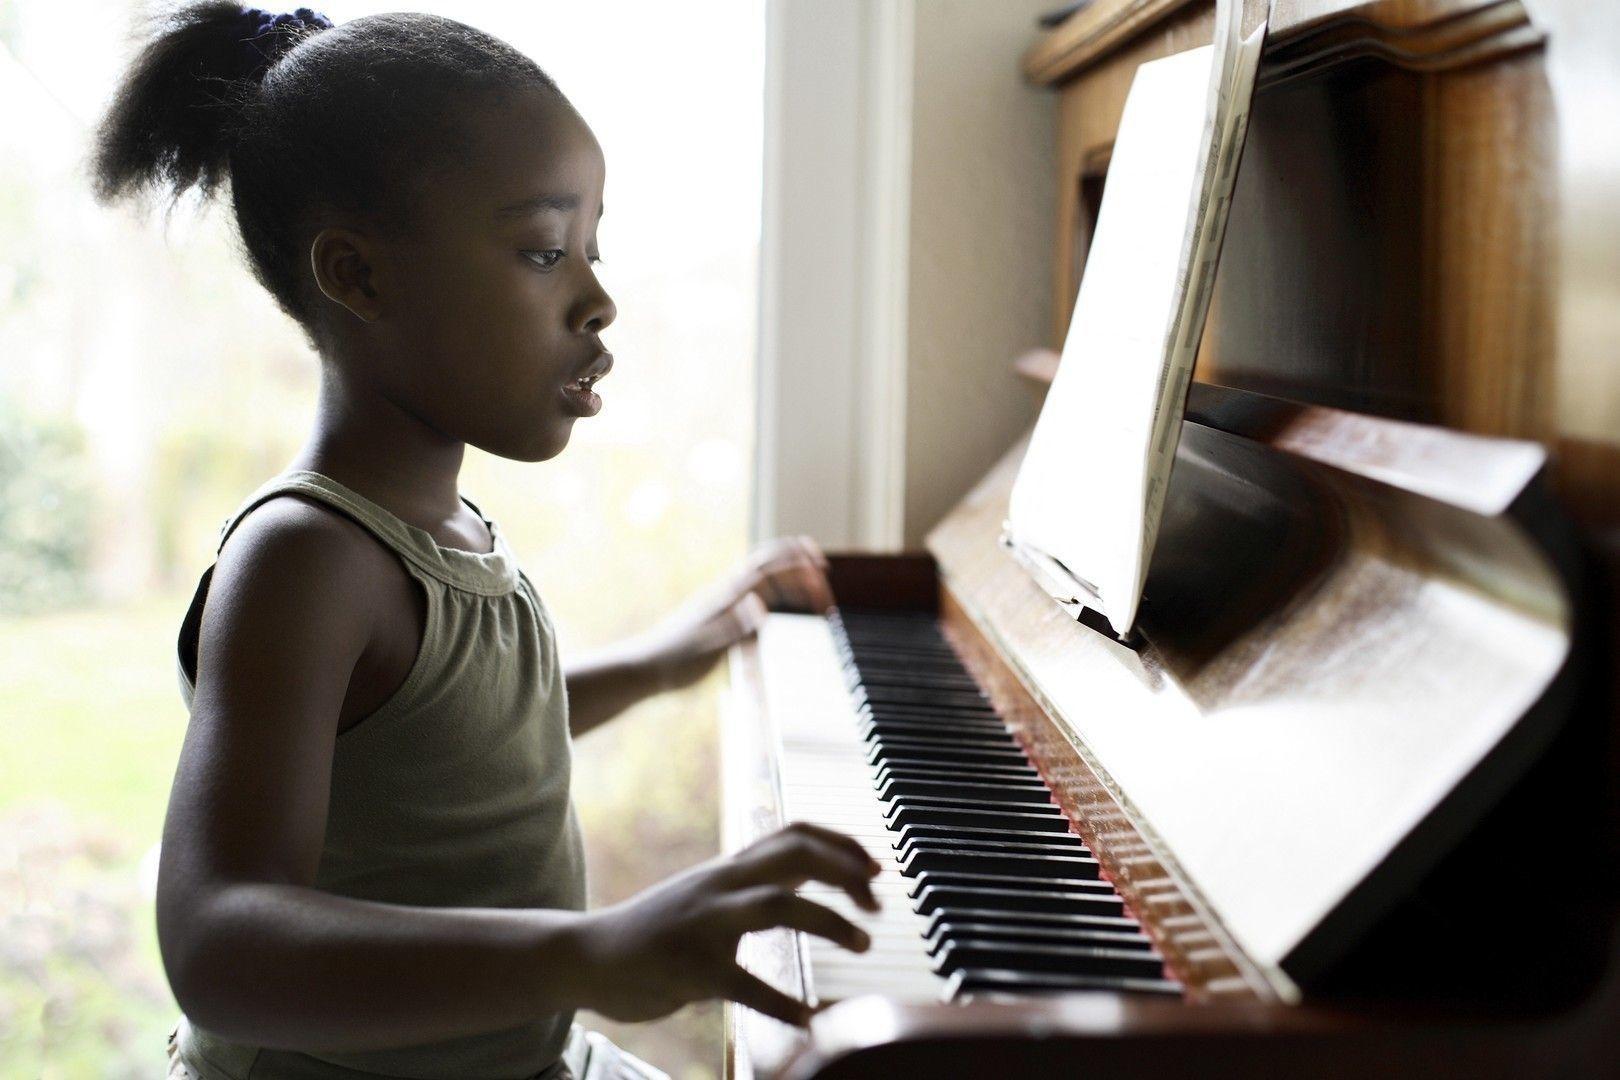 De ce e tot mai proasta muzica?